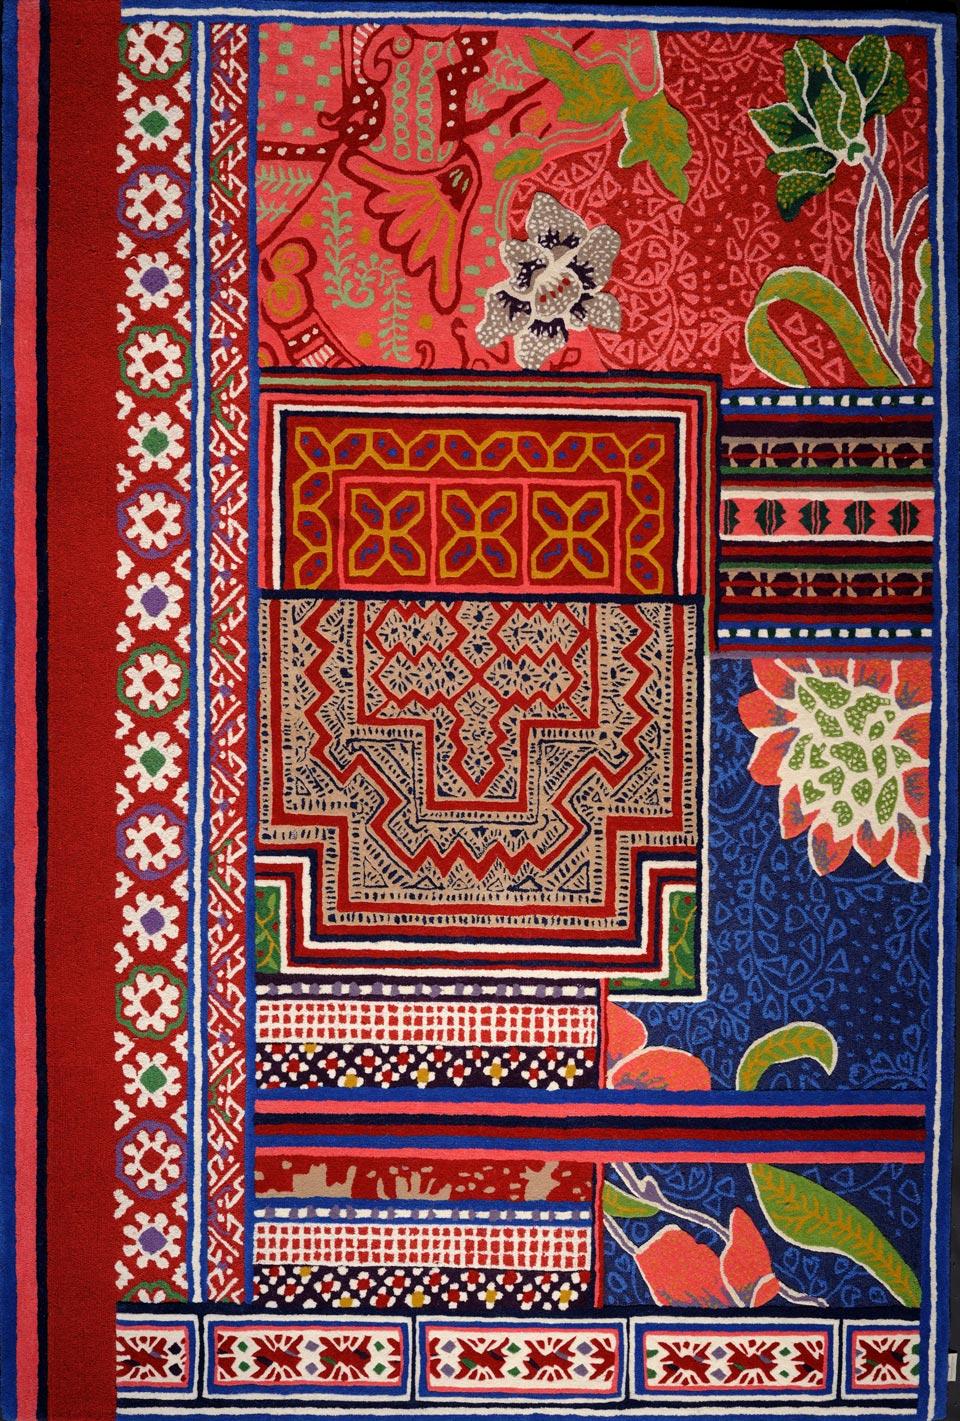 Tapis multicolore rouge tuft main laine et soie v g tale toulemonde bochart tapis design et Beaux tapis contemporains